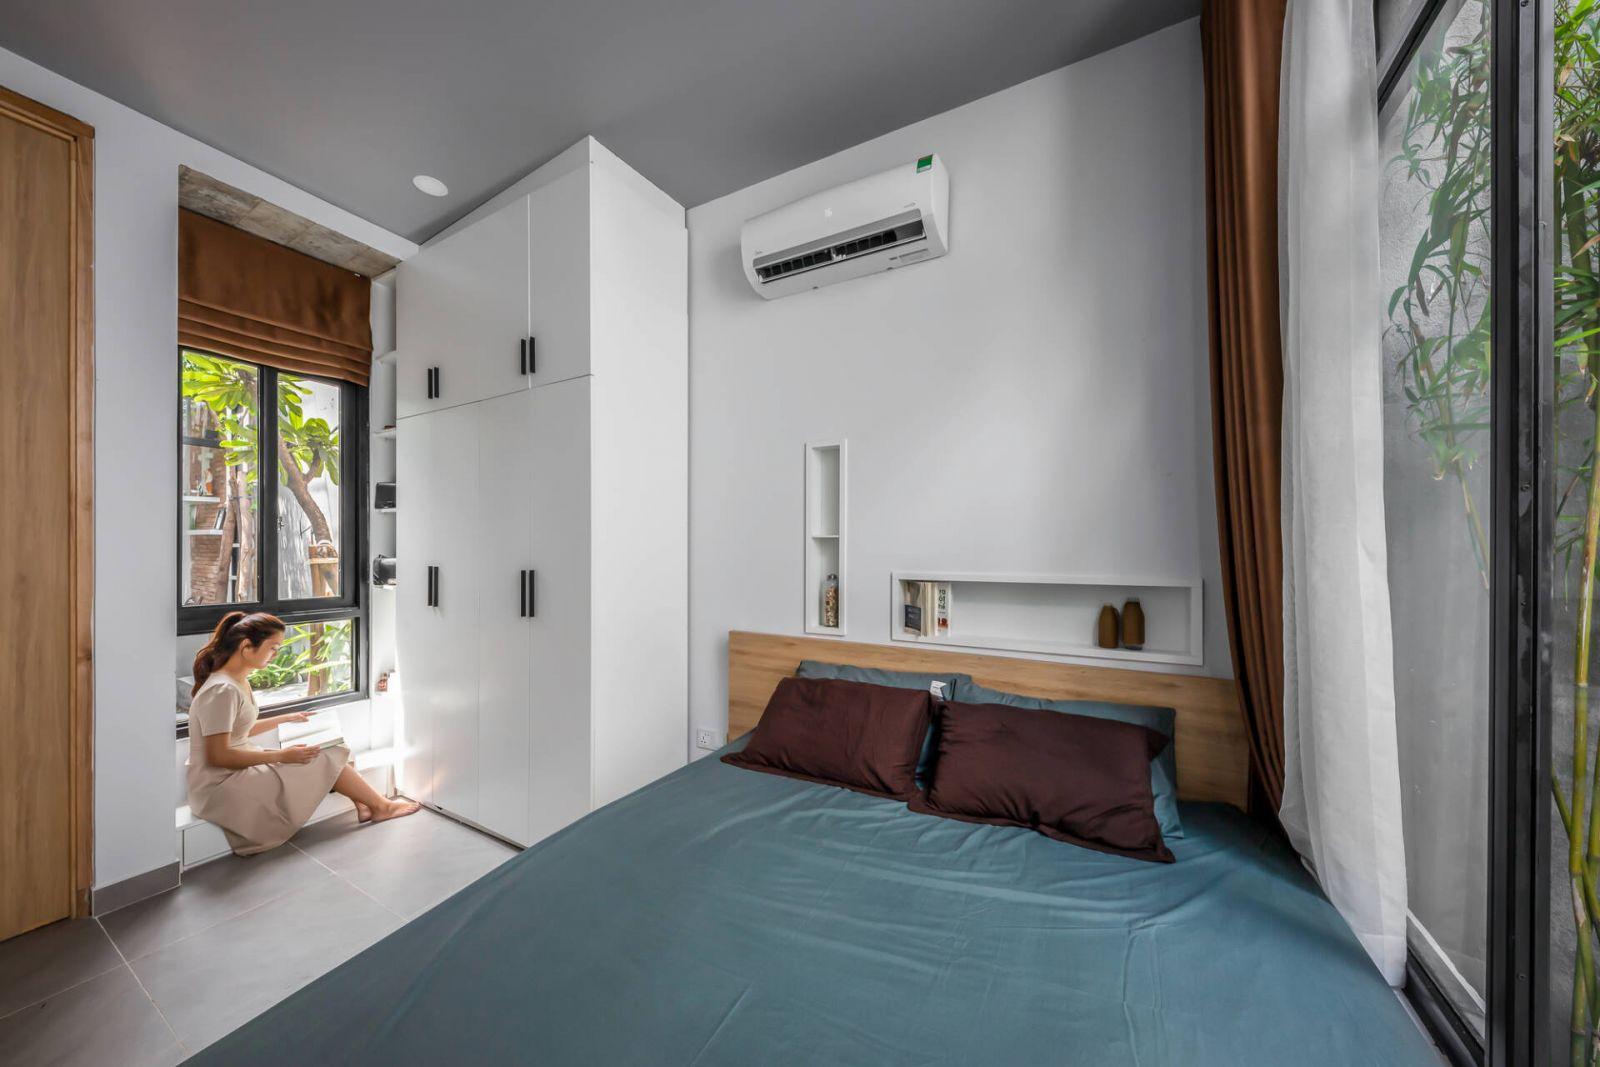 Phòng ngủ đơn giản, gọn gàng với gam màu trắng chủ đạo. Không gian này cũng thoáng đãng nhờ kết nối trực tiếp với 2 khoảng sân vườn ở giữa và sau nhà